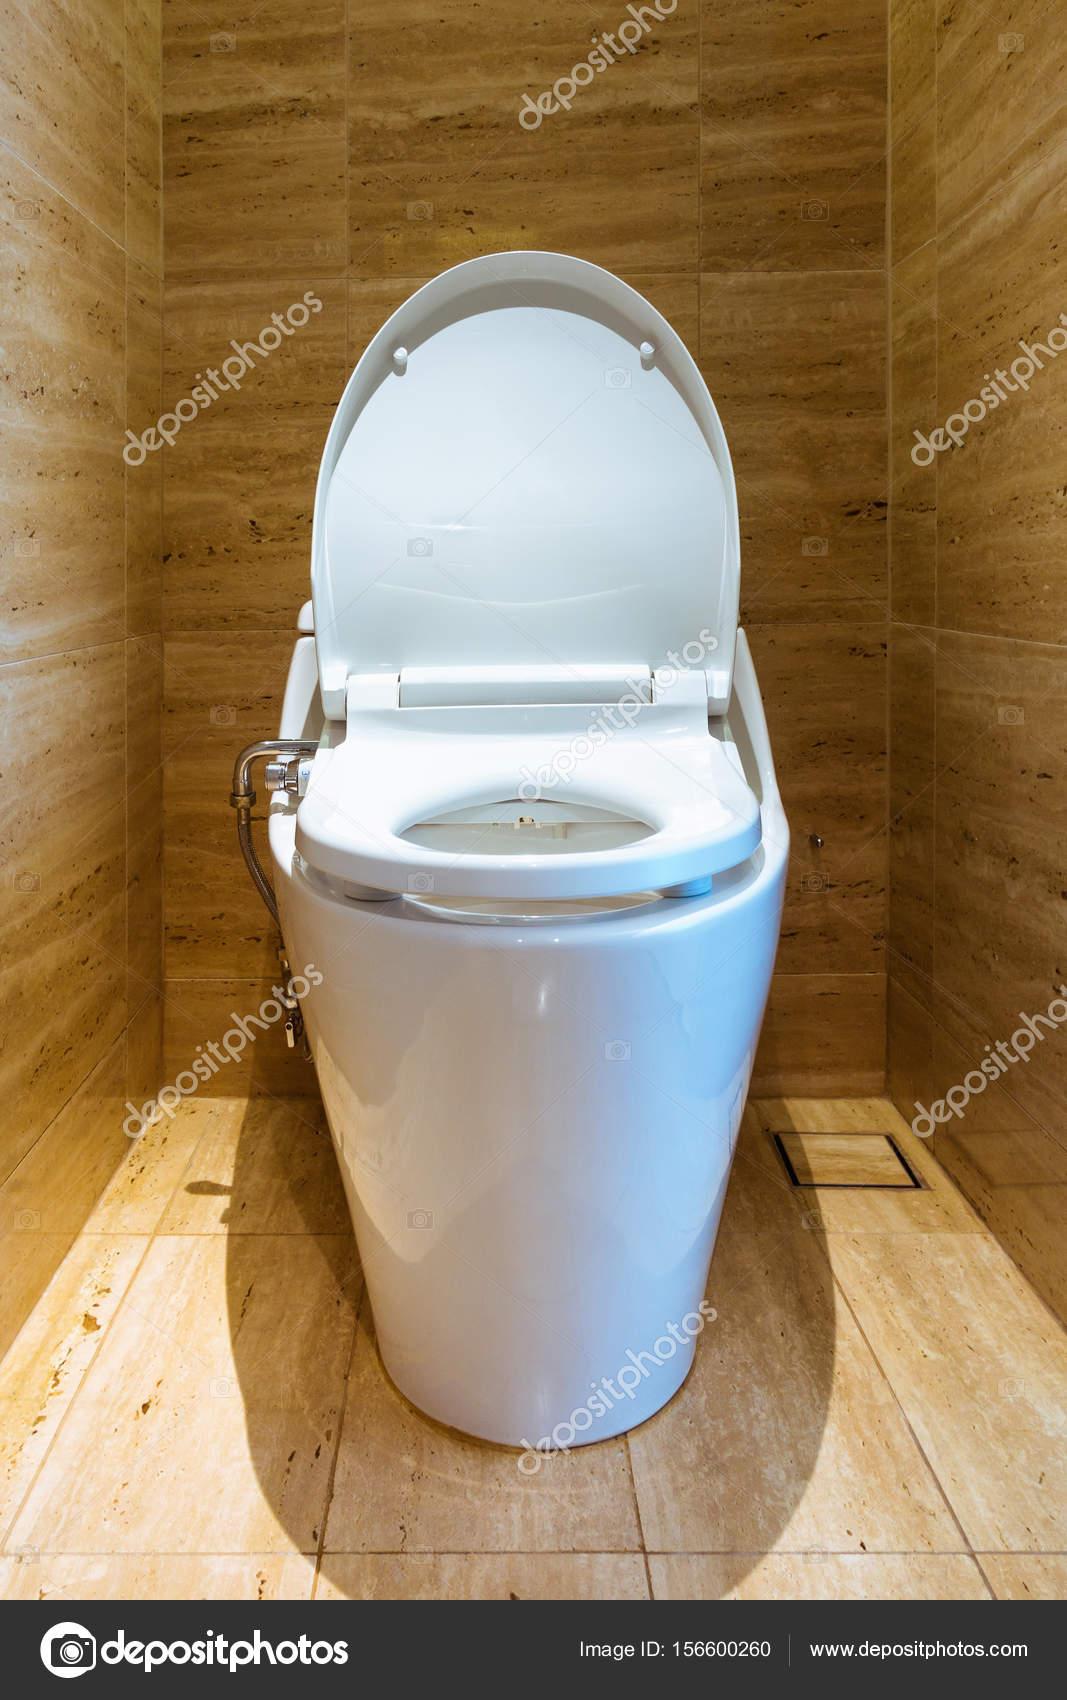 WC-Schüssel und Innendekoration, Architektur-Design. — Stockfoto ...